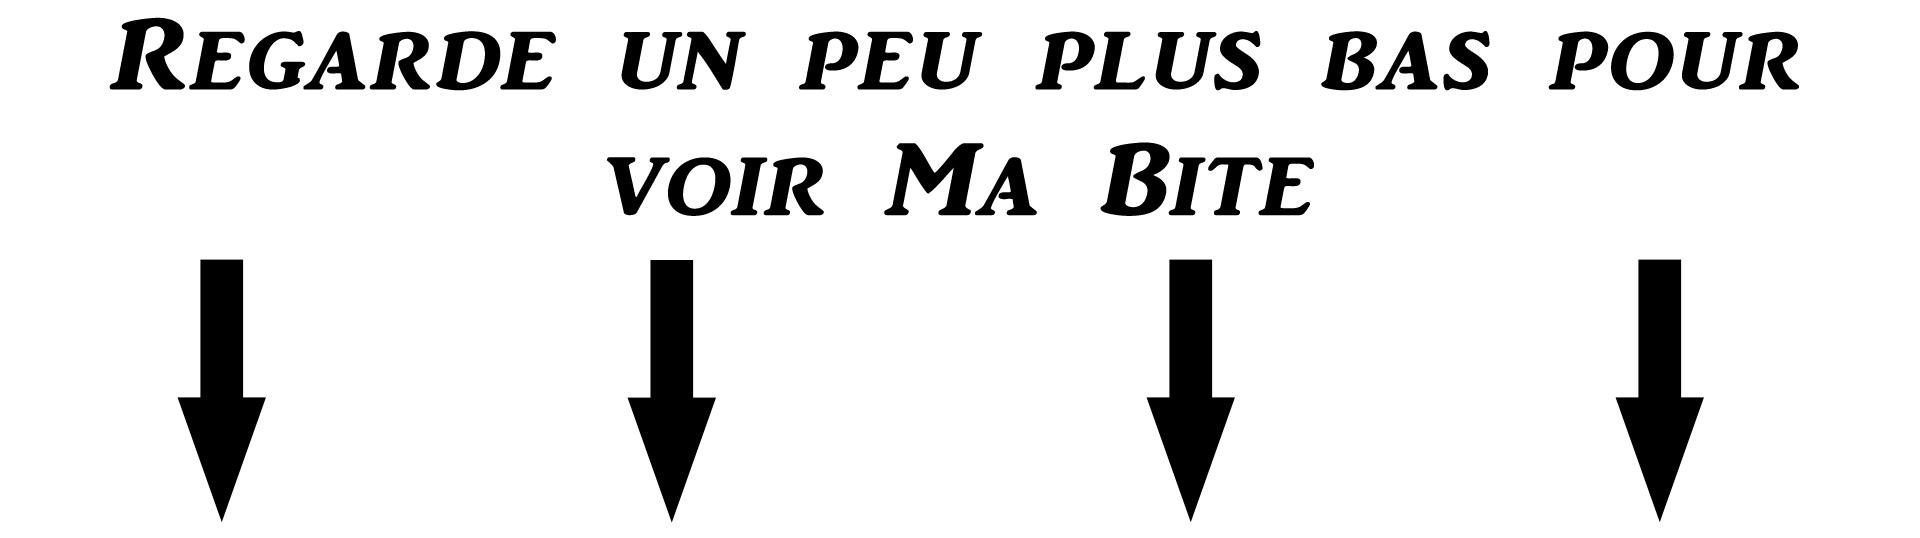 Ma Bite Hebdo